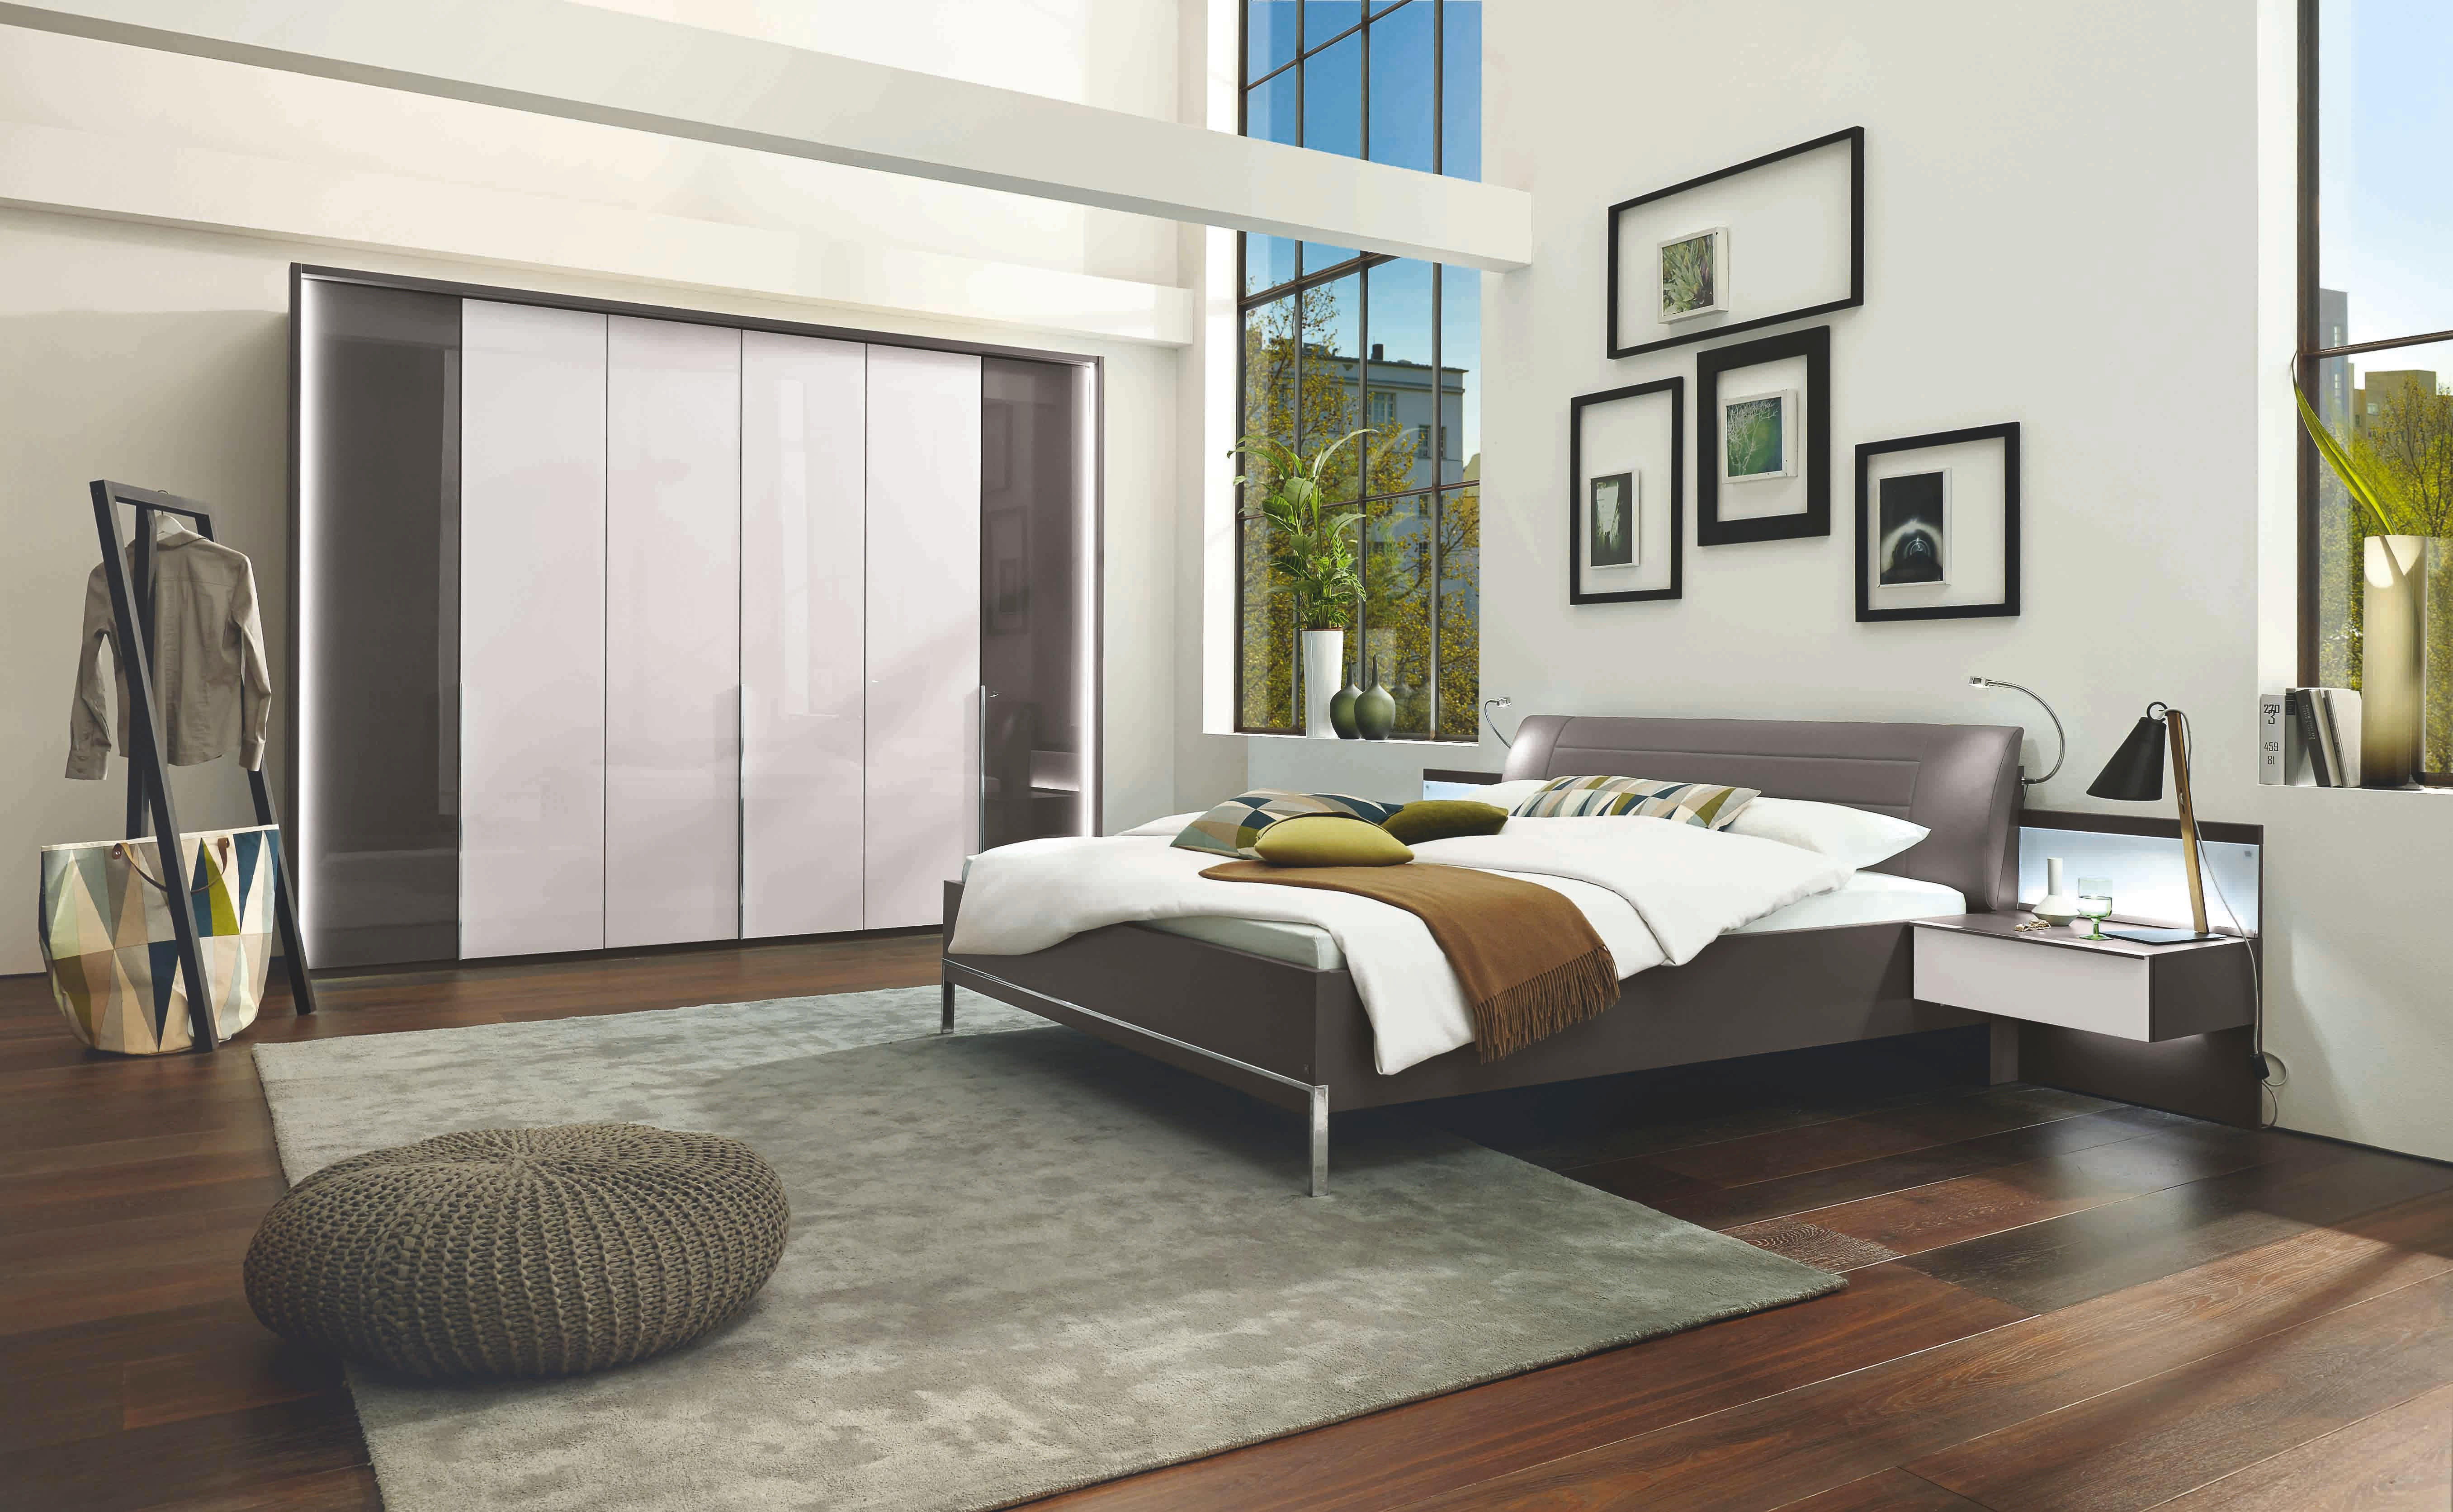 Schlafzimmer Braun, Weiß Online Kaufen ➤ Xxxlshop